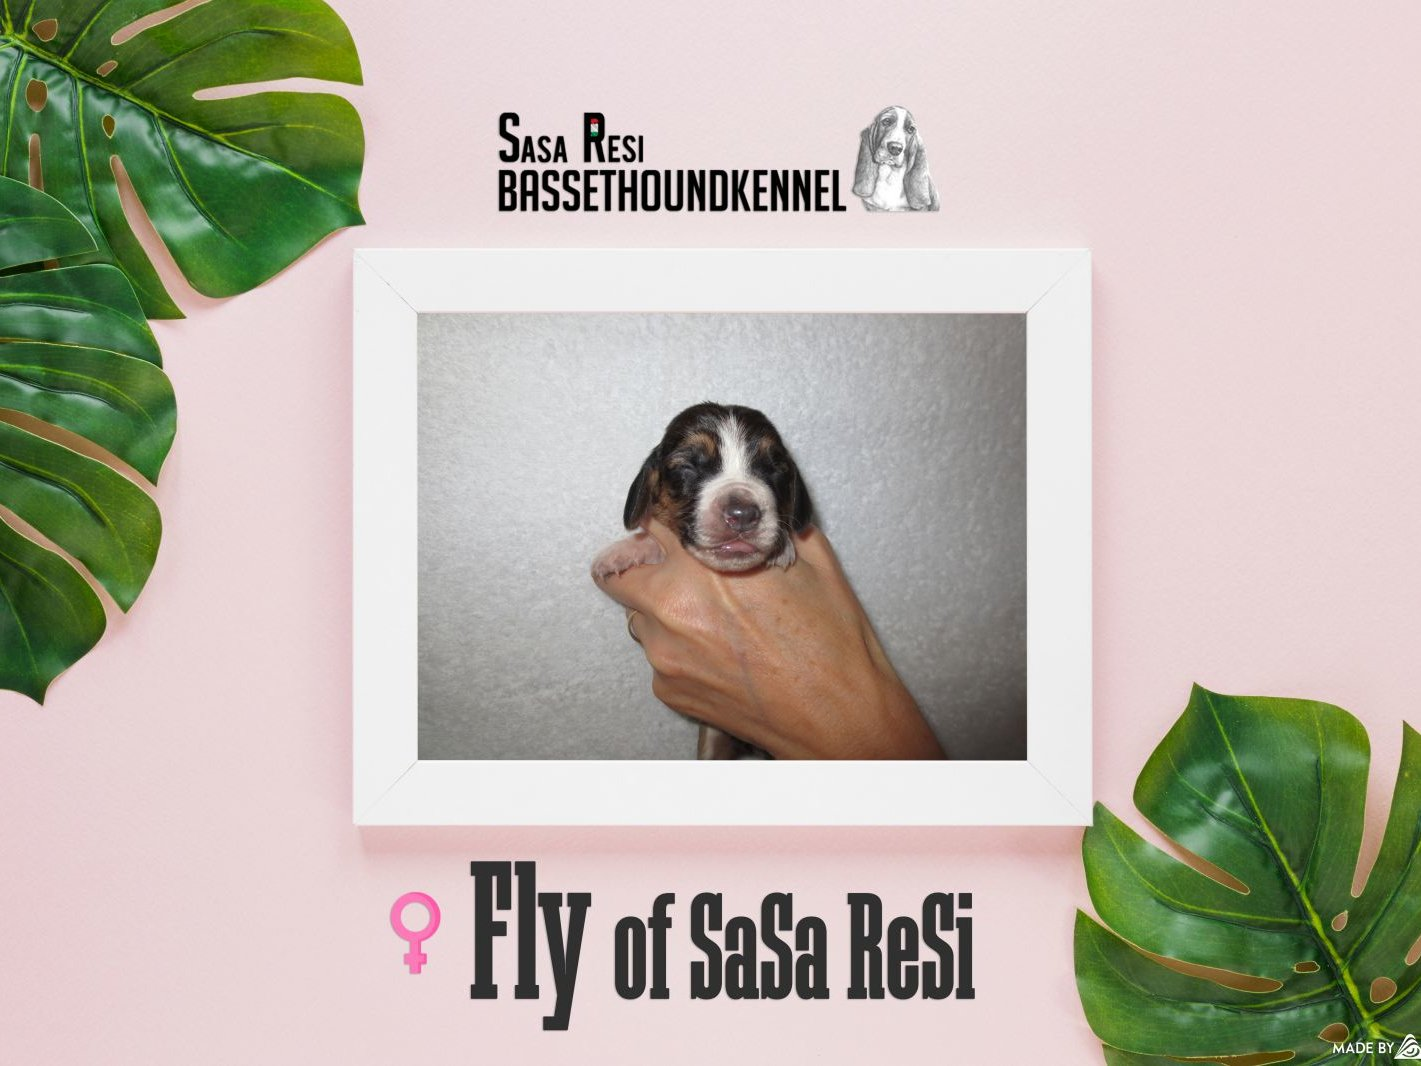 Fly1 uai SaSa ReSi Bassethoundkennel